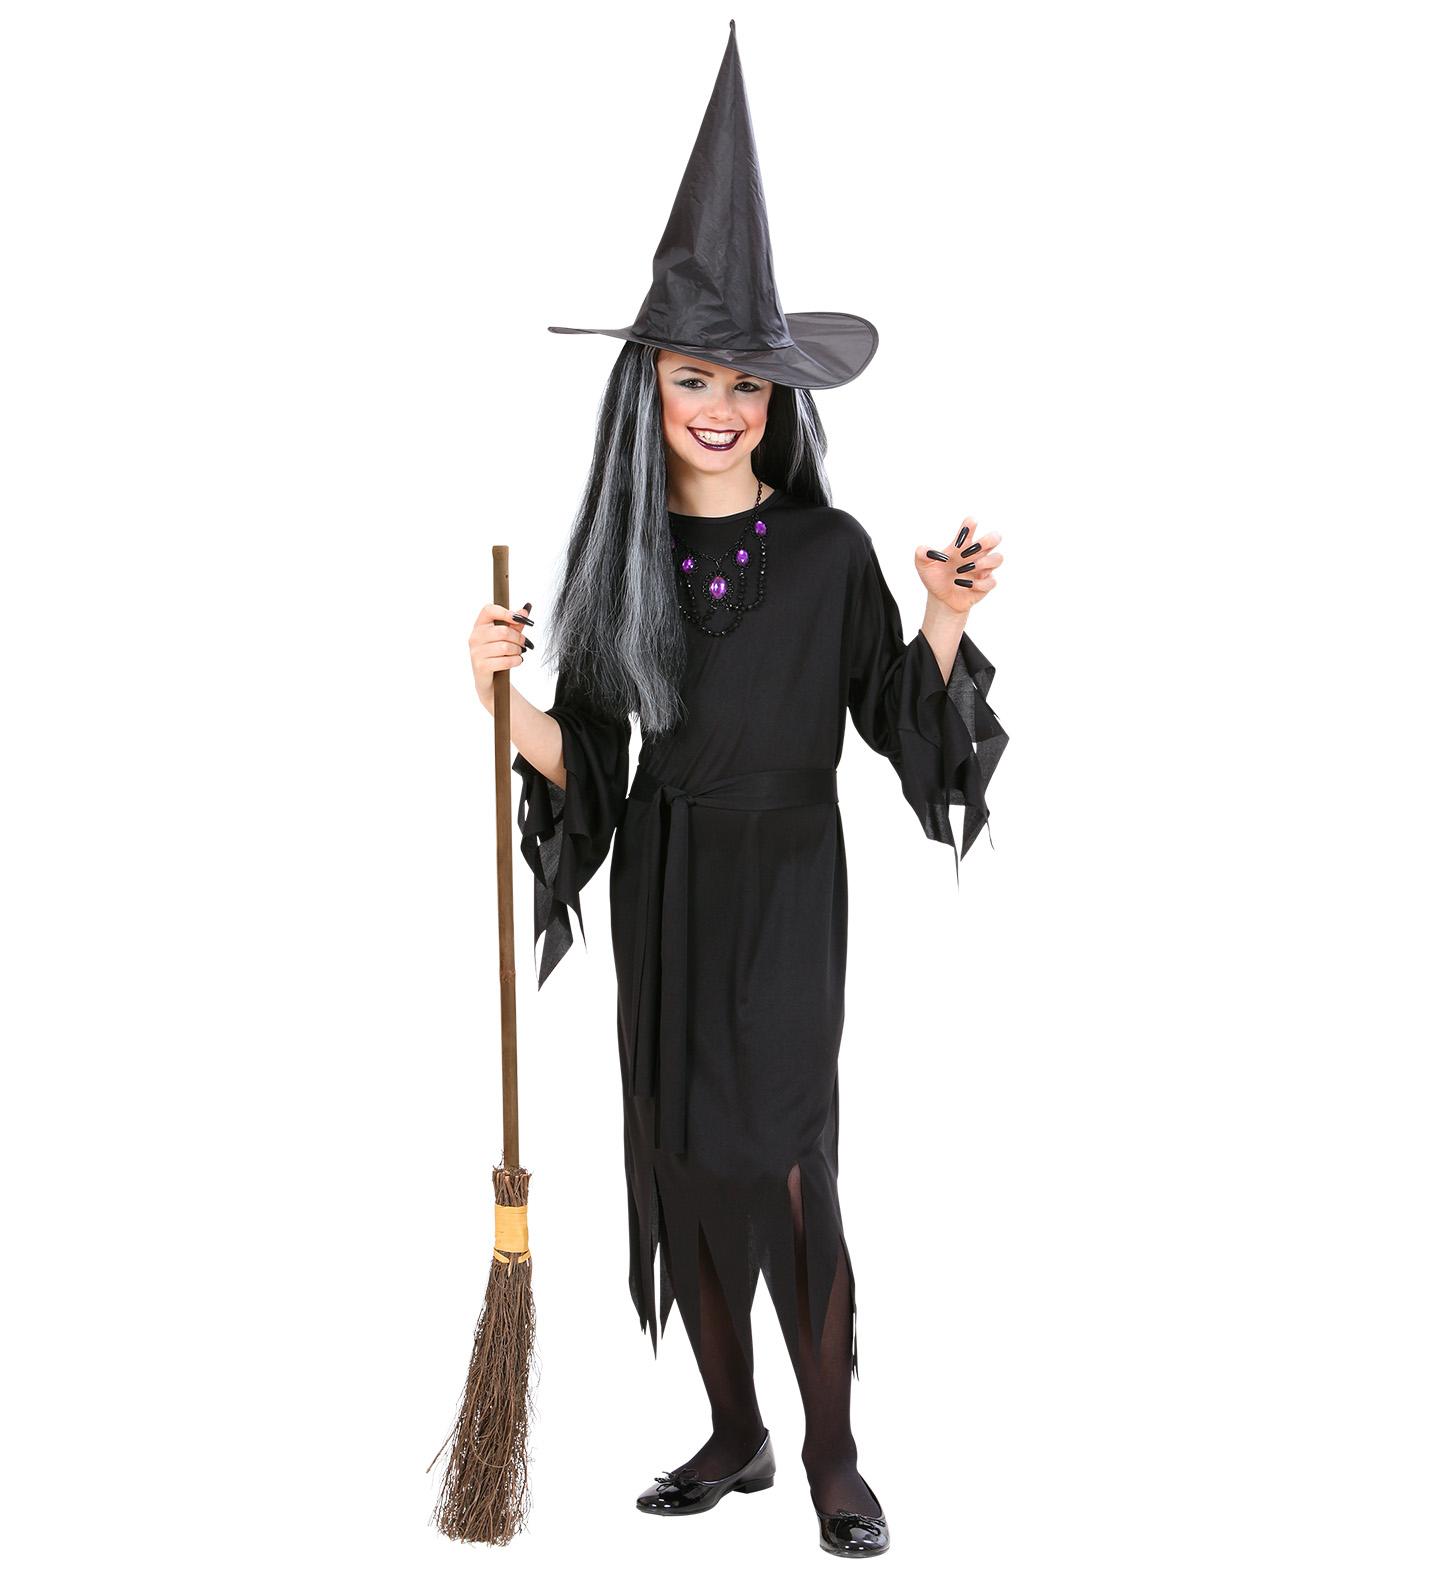 Čarodějnický kostým pro děti Velikosti: M (8-10 let)